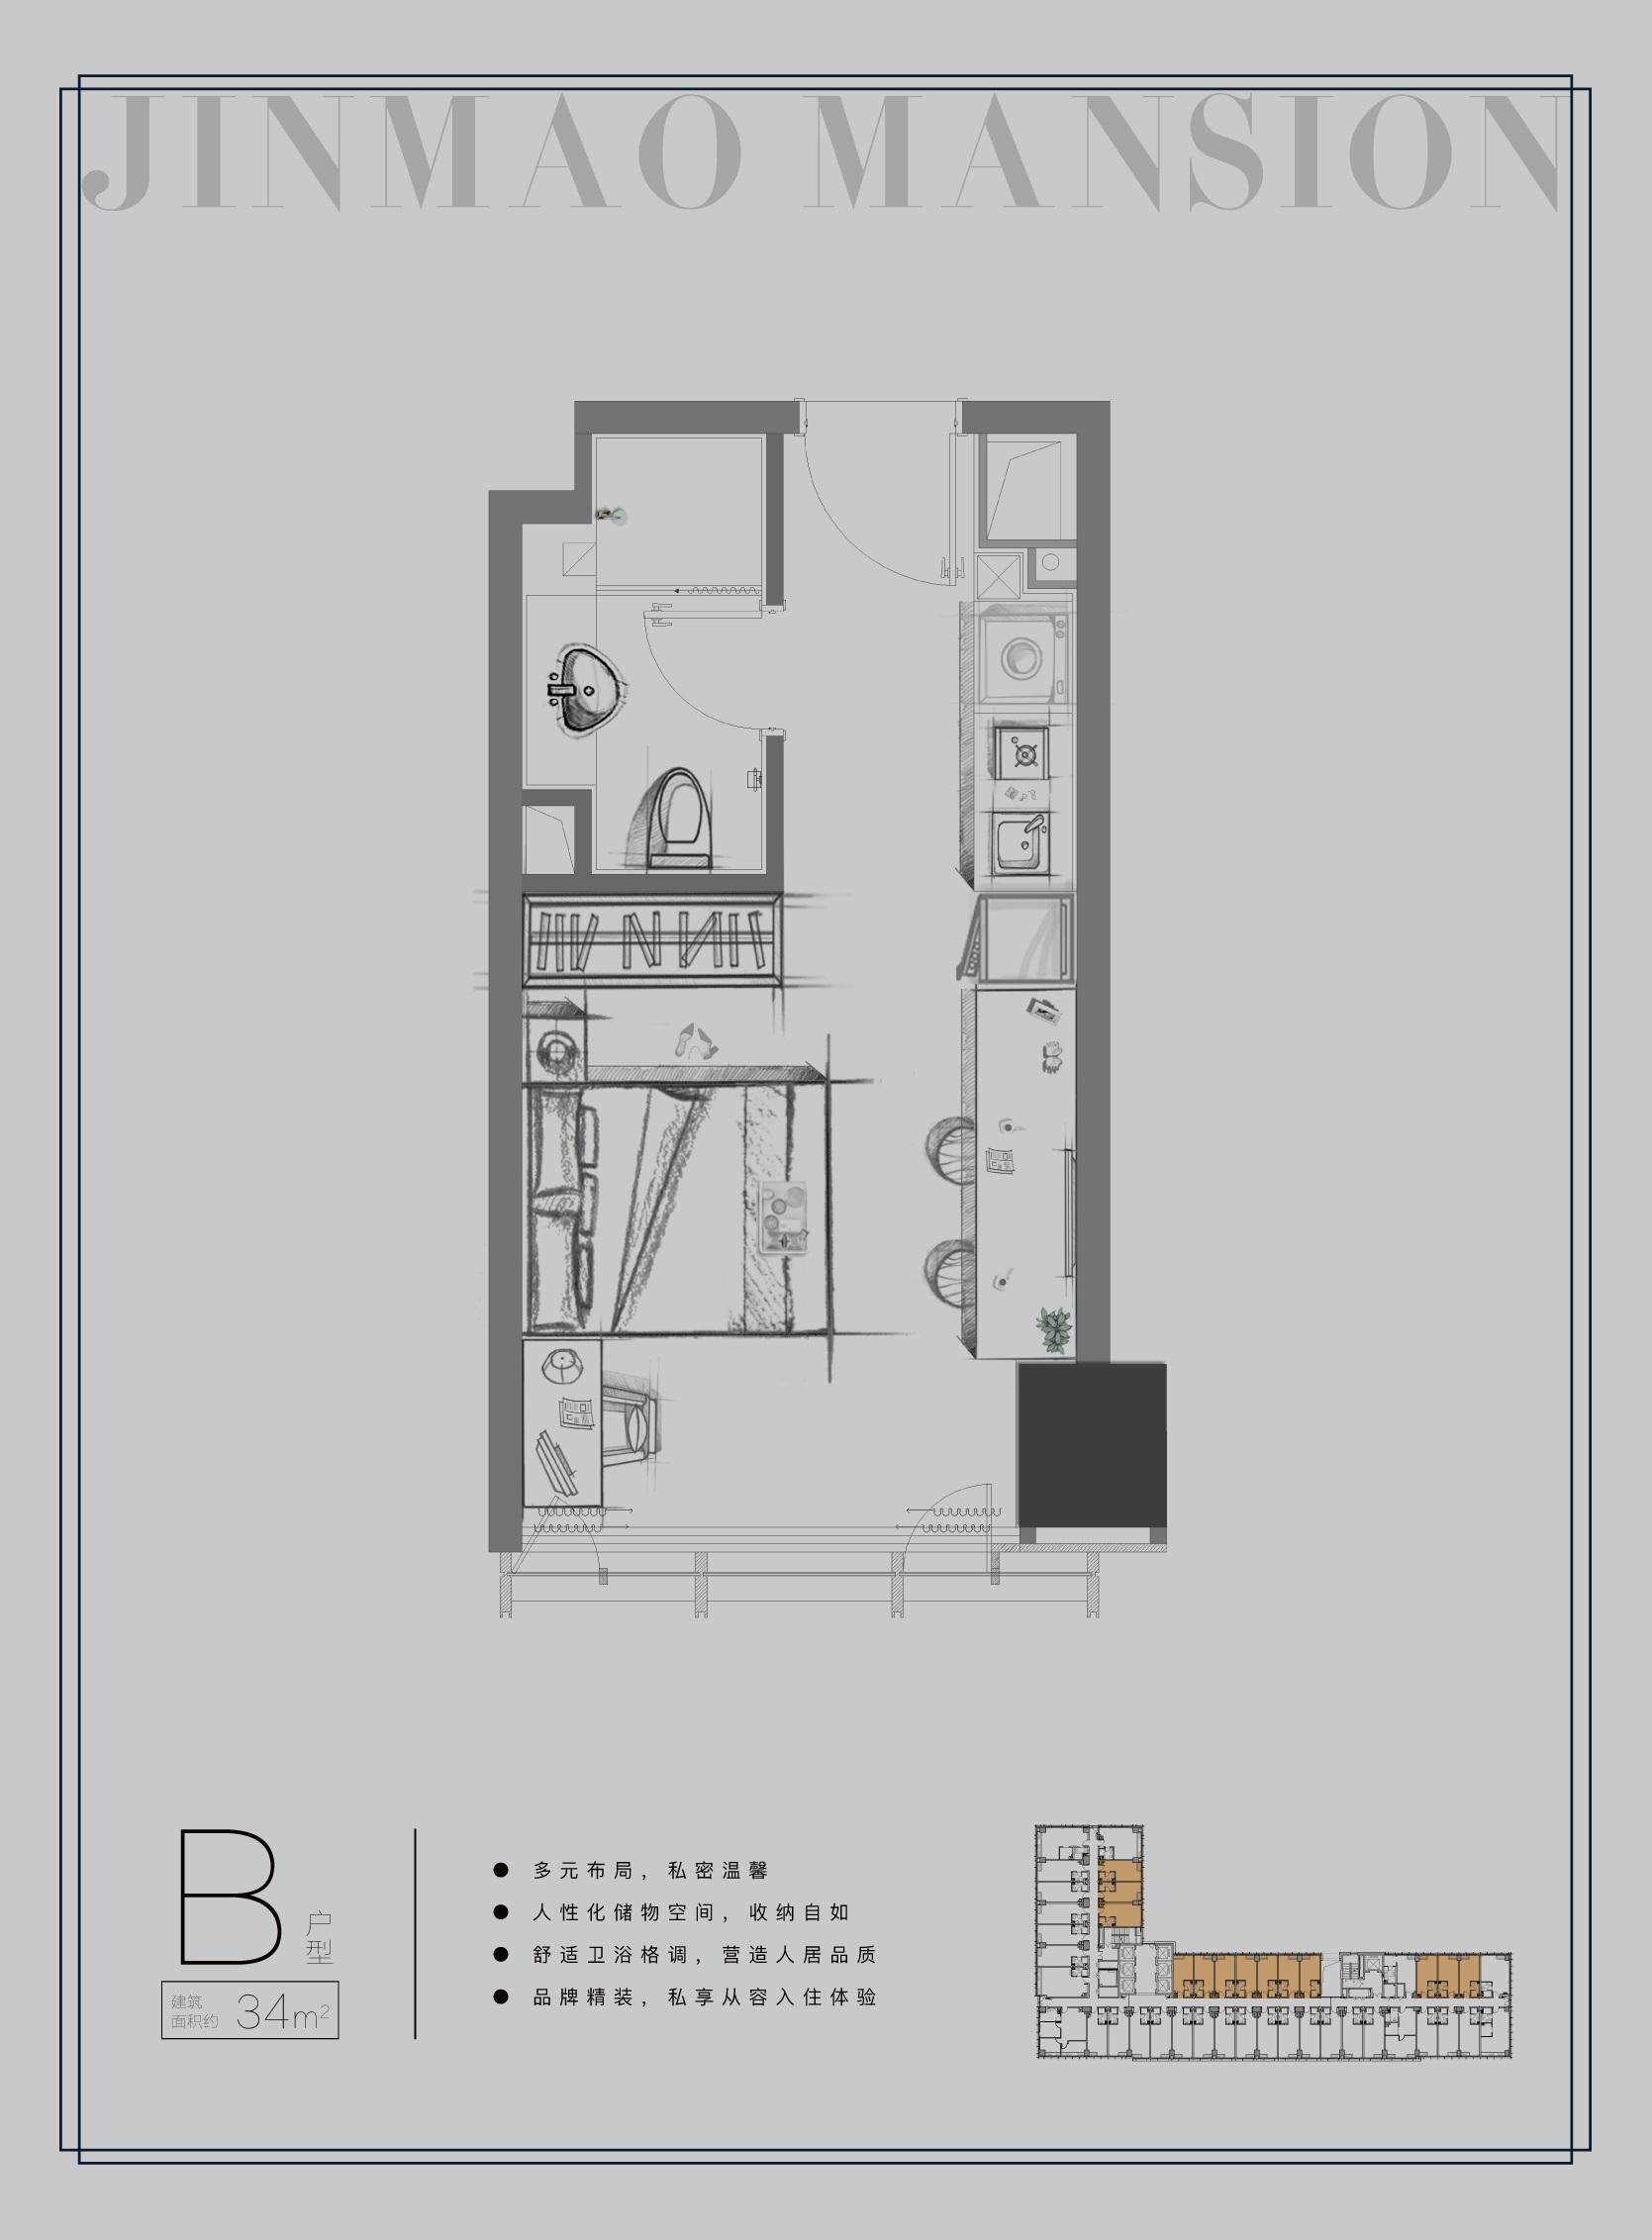 领寓A5(扬子江金茂悦)34㎡B户型